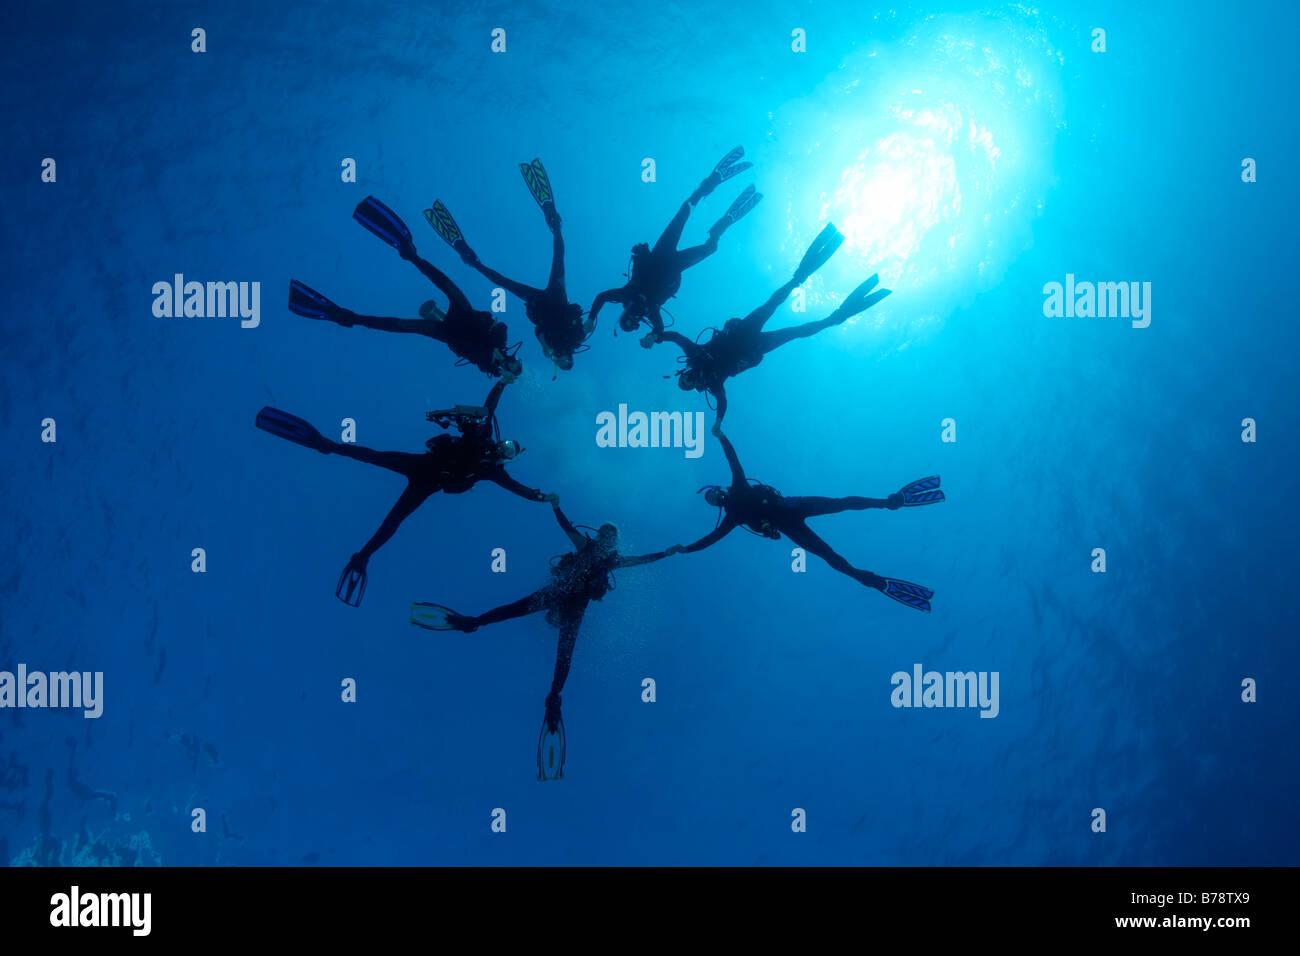 Les plongeurs formant une étoile, rétro-éclairage par le soleil, bleu, Hurghada, Egypte, Mer Rouge, Photo Stock